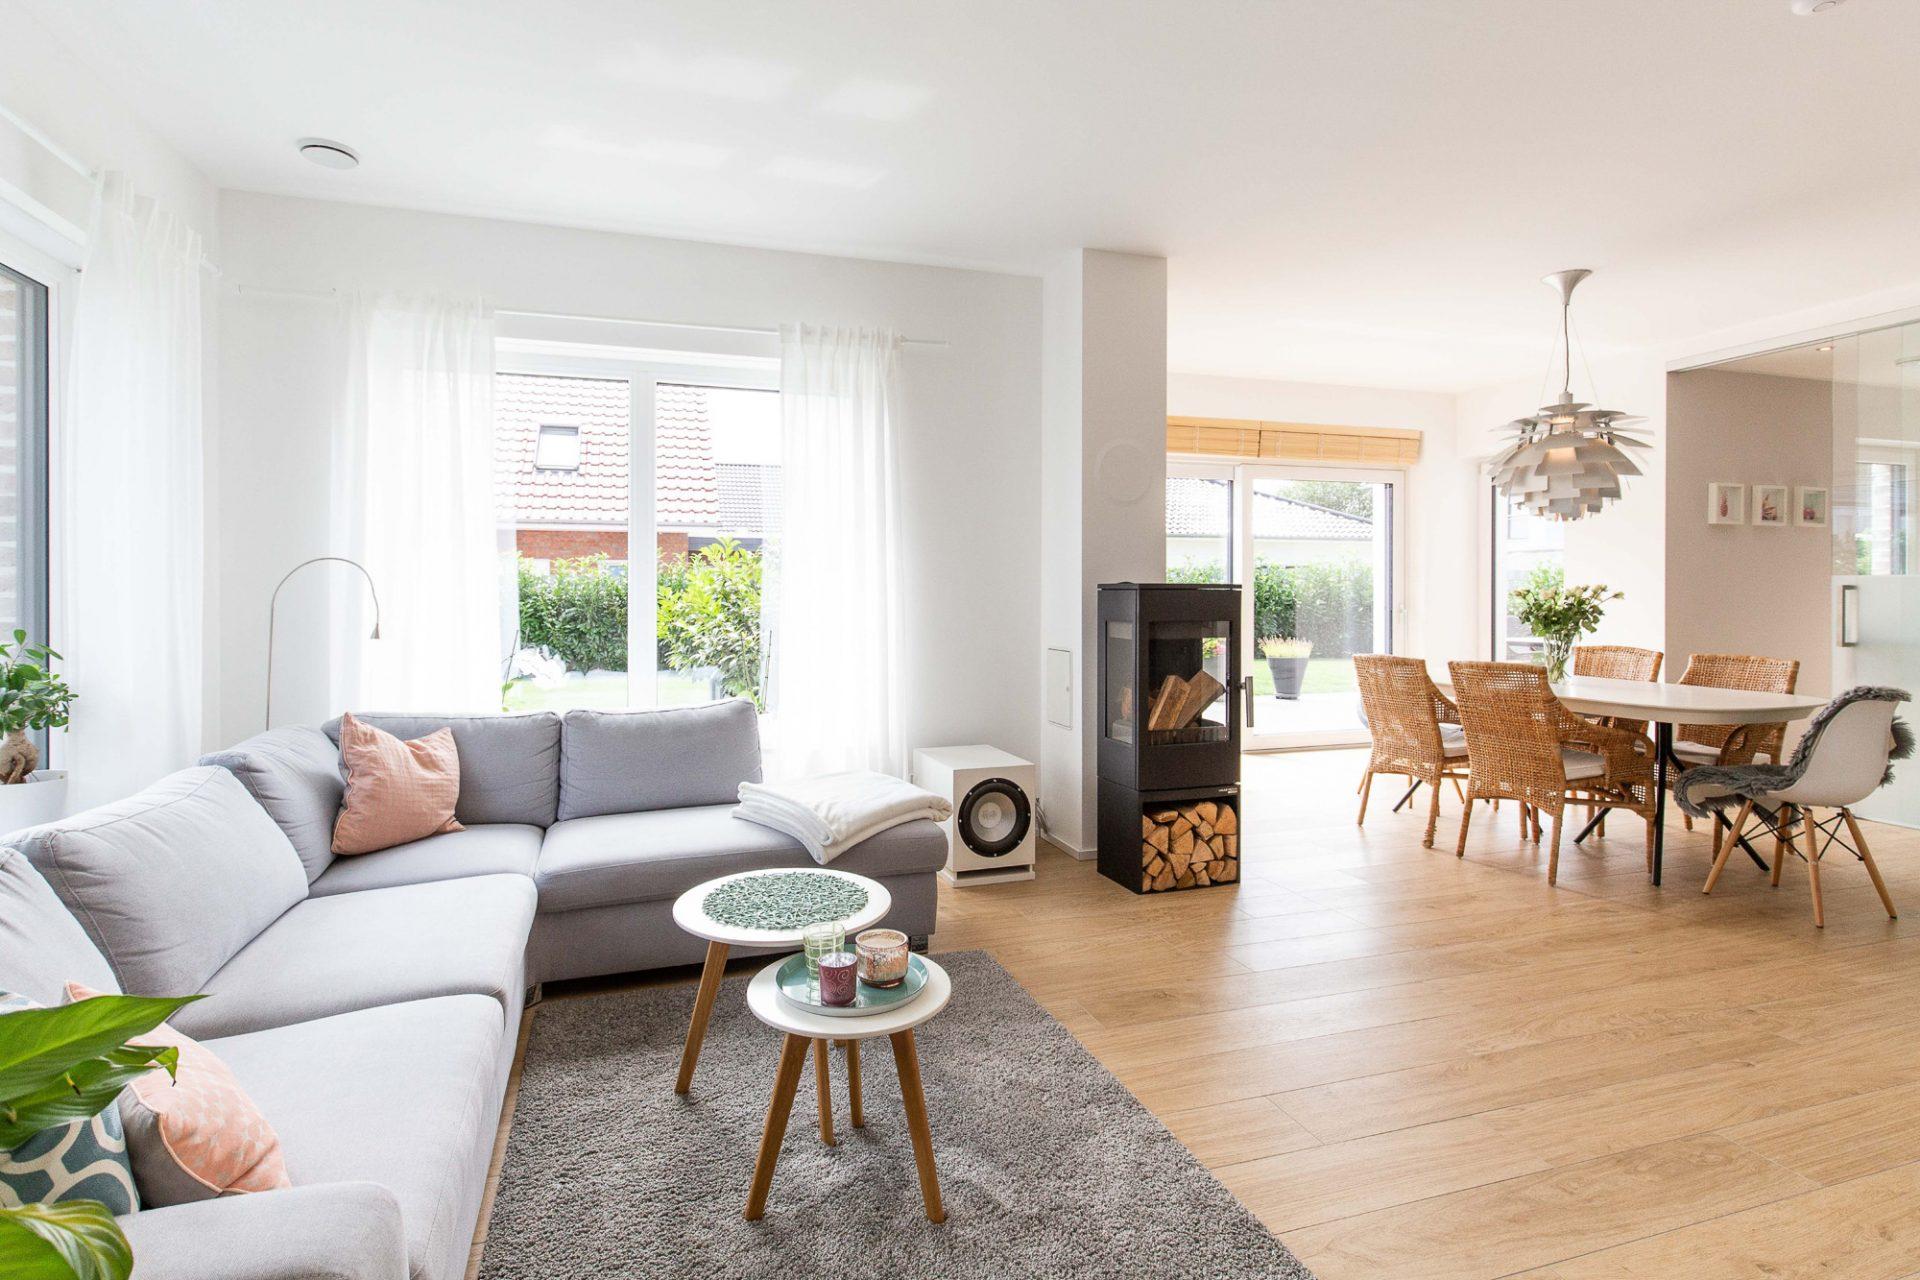 Immobilien Fotograf für Ferienwohnungen in Hamburg ©Offenblende / Angela ANRE